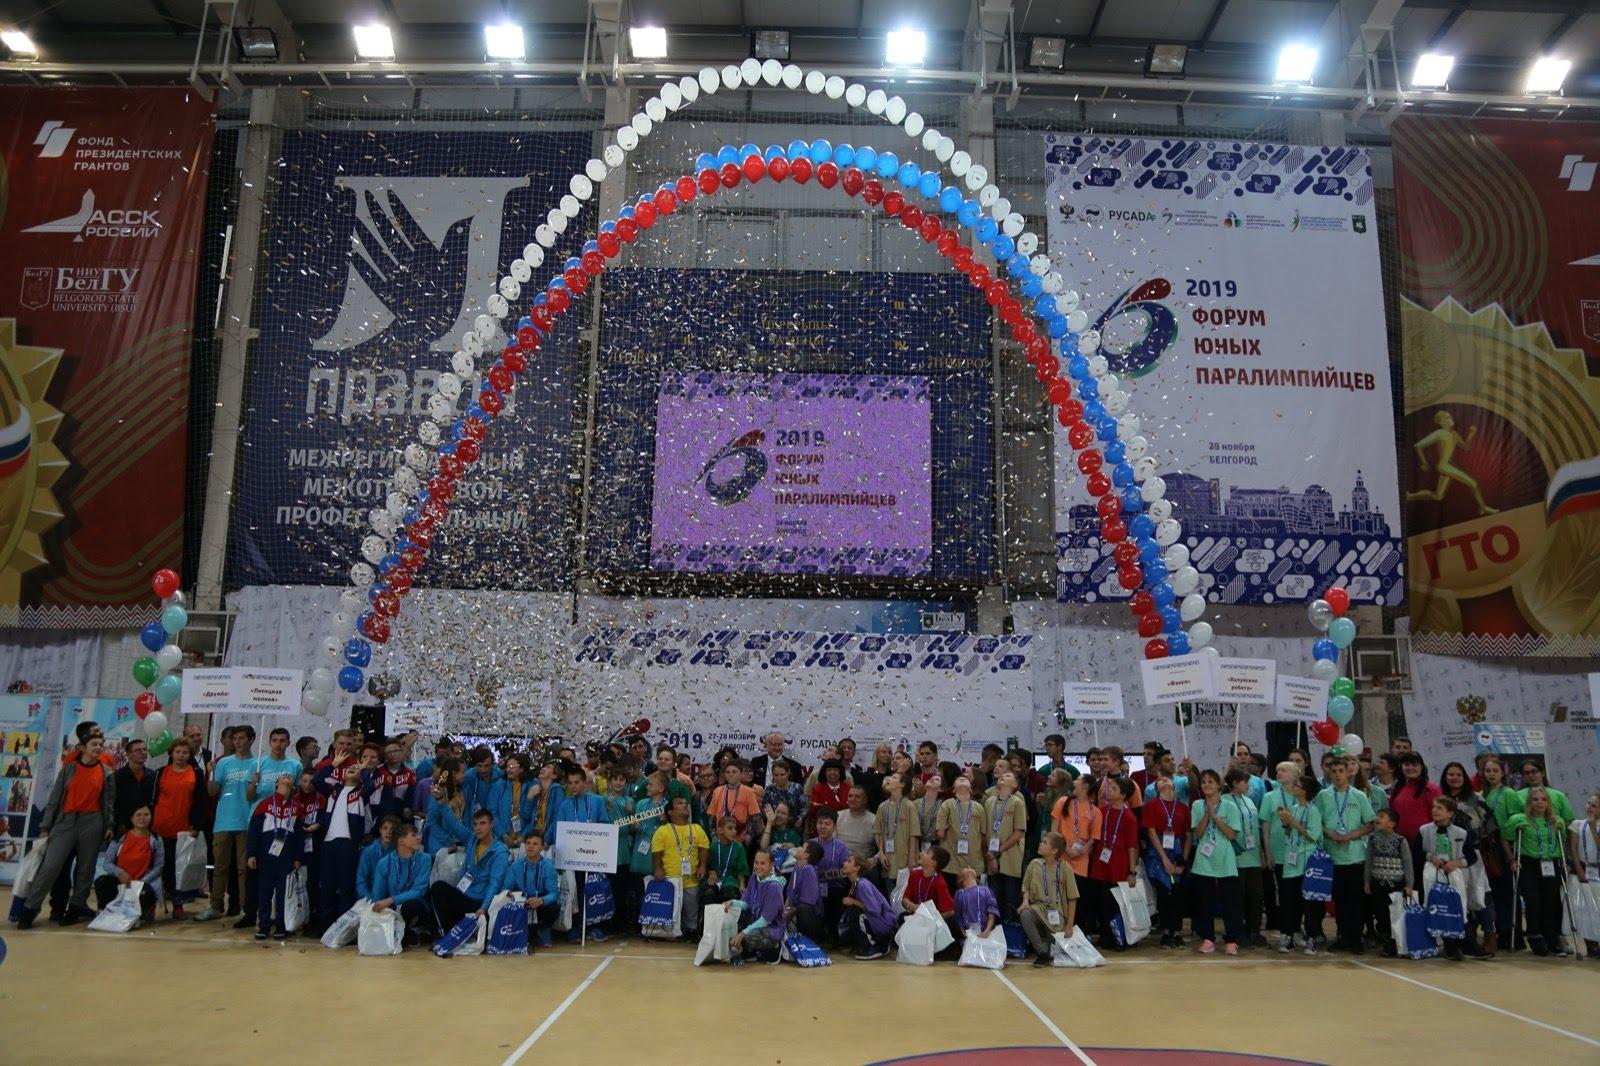 В Белгороде ПКР совместно с РУСАДА, региональным Минспортом и Федерацией адаптивного спорта Белгородской области провели Форум юных паралимпийцев